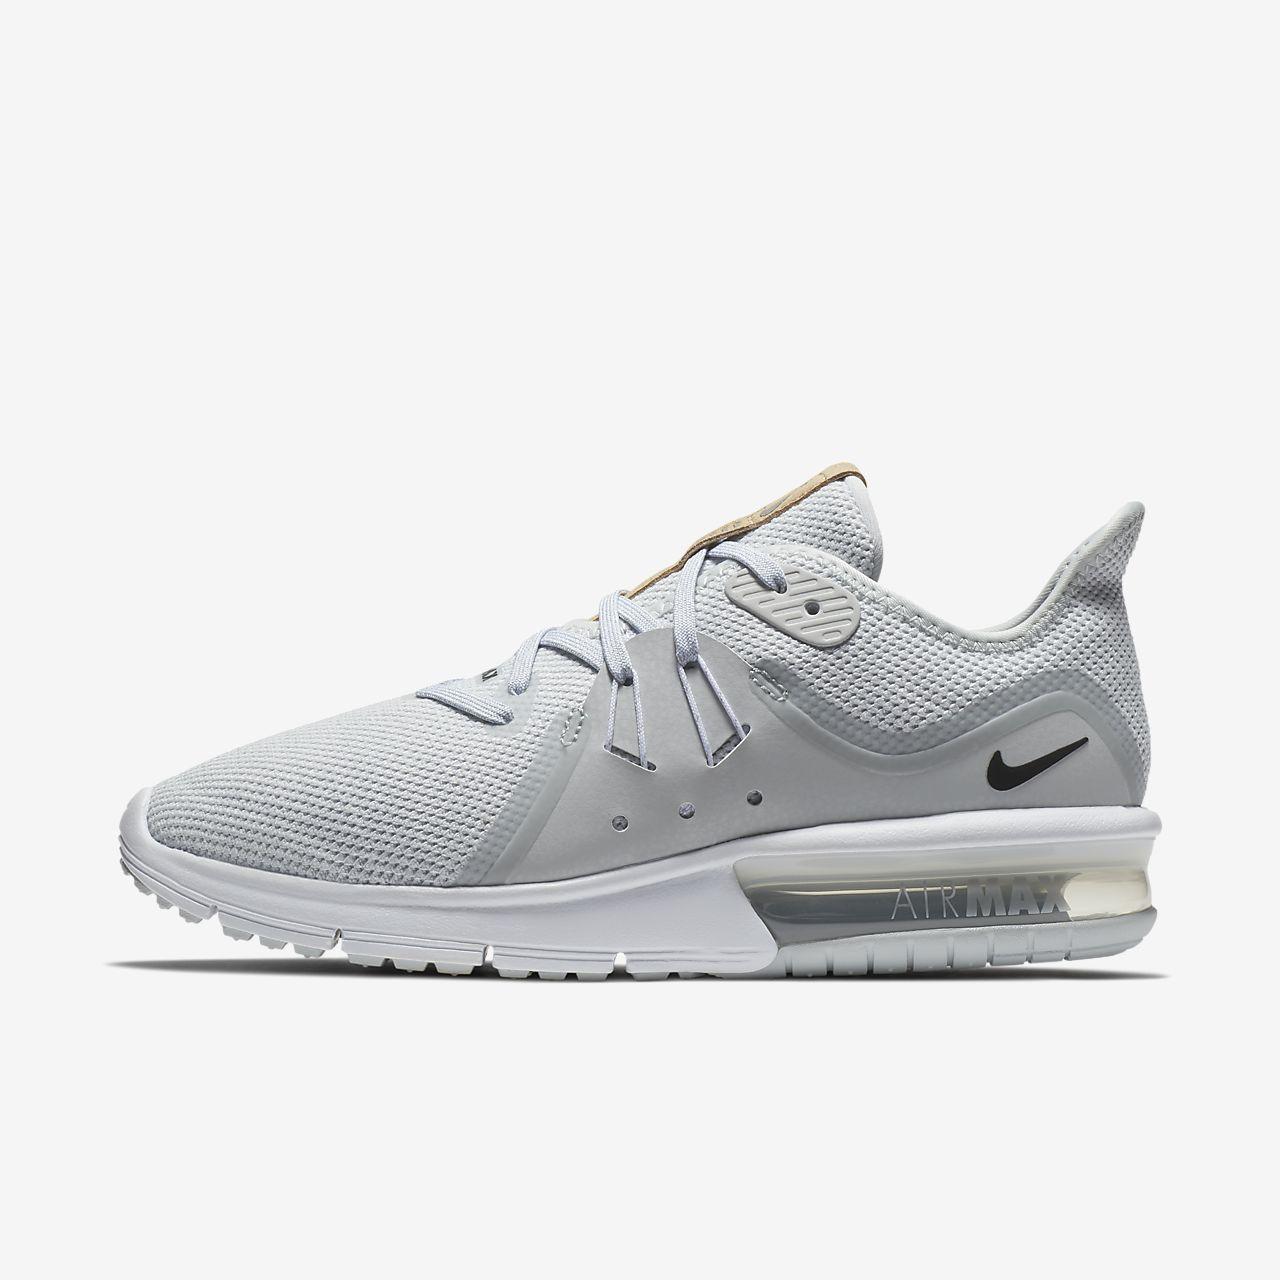 promo code a08dd 2537d Sapatilhas Nike Air Max Sequent 3 para mulher